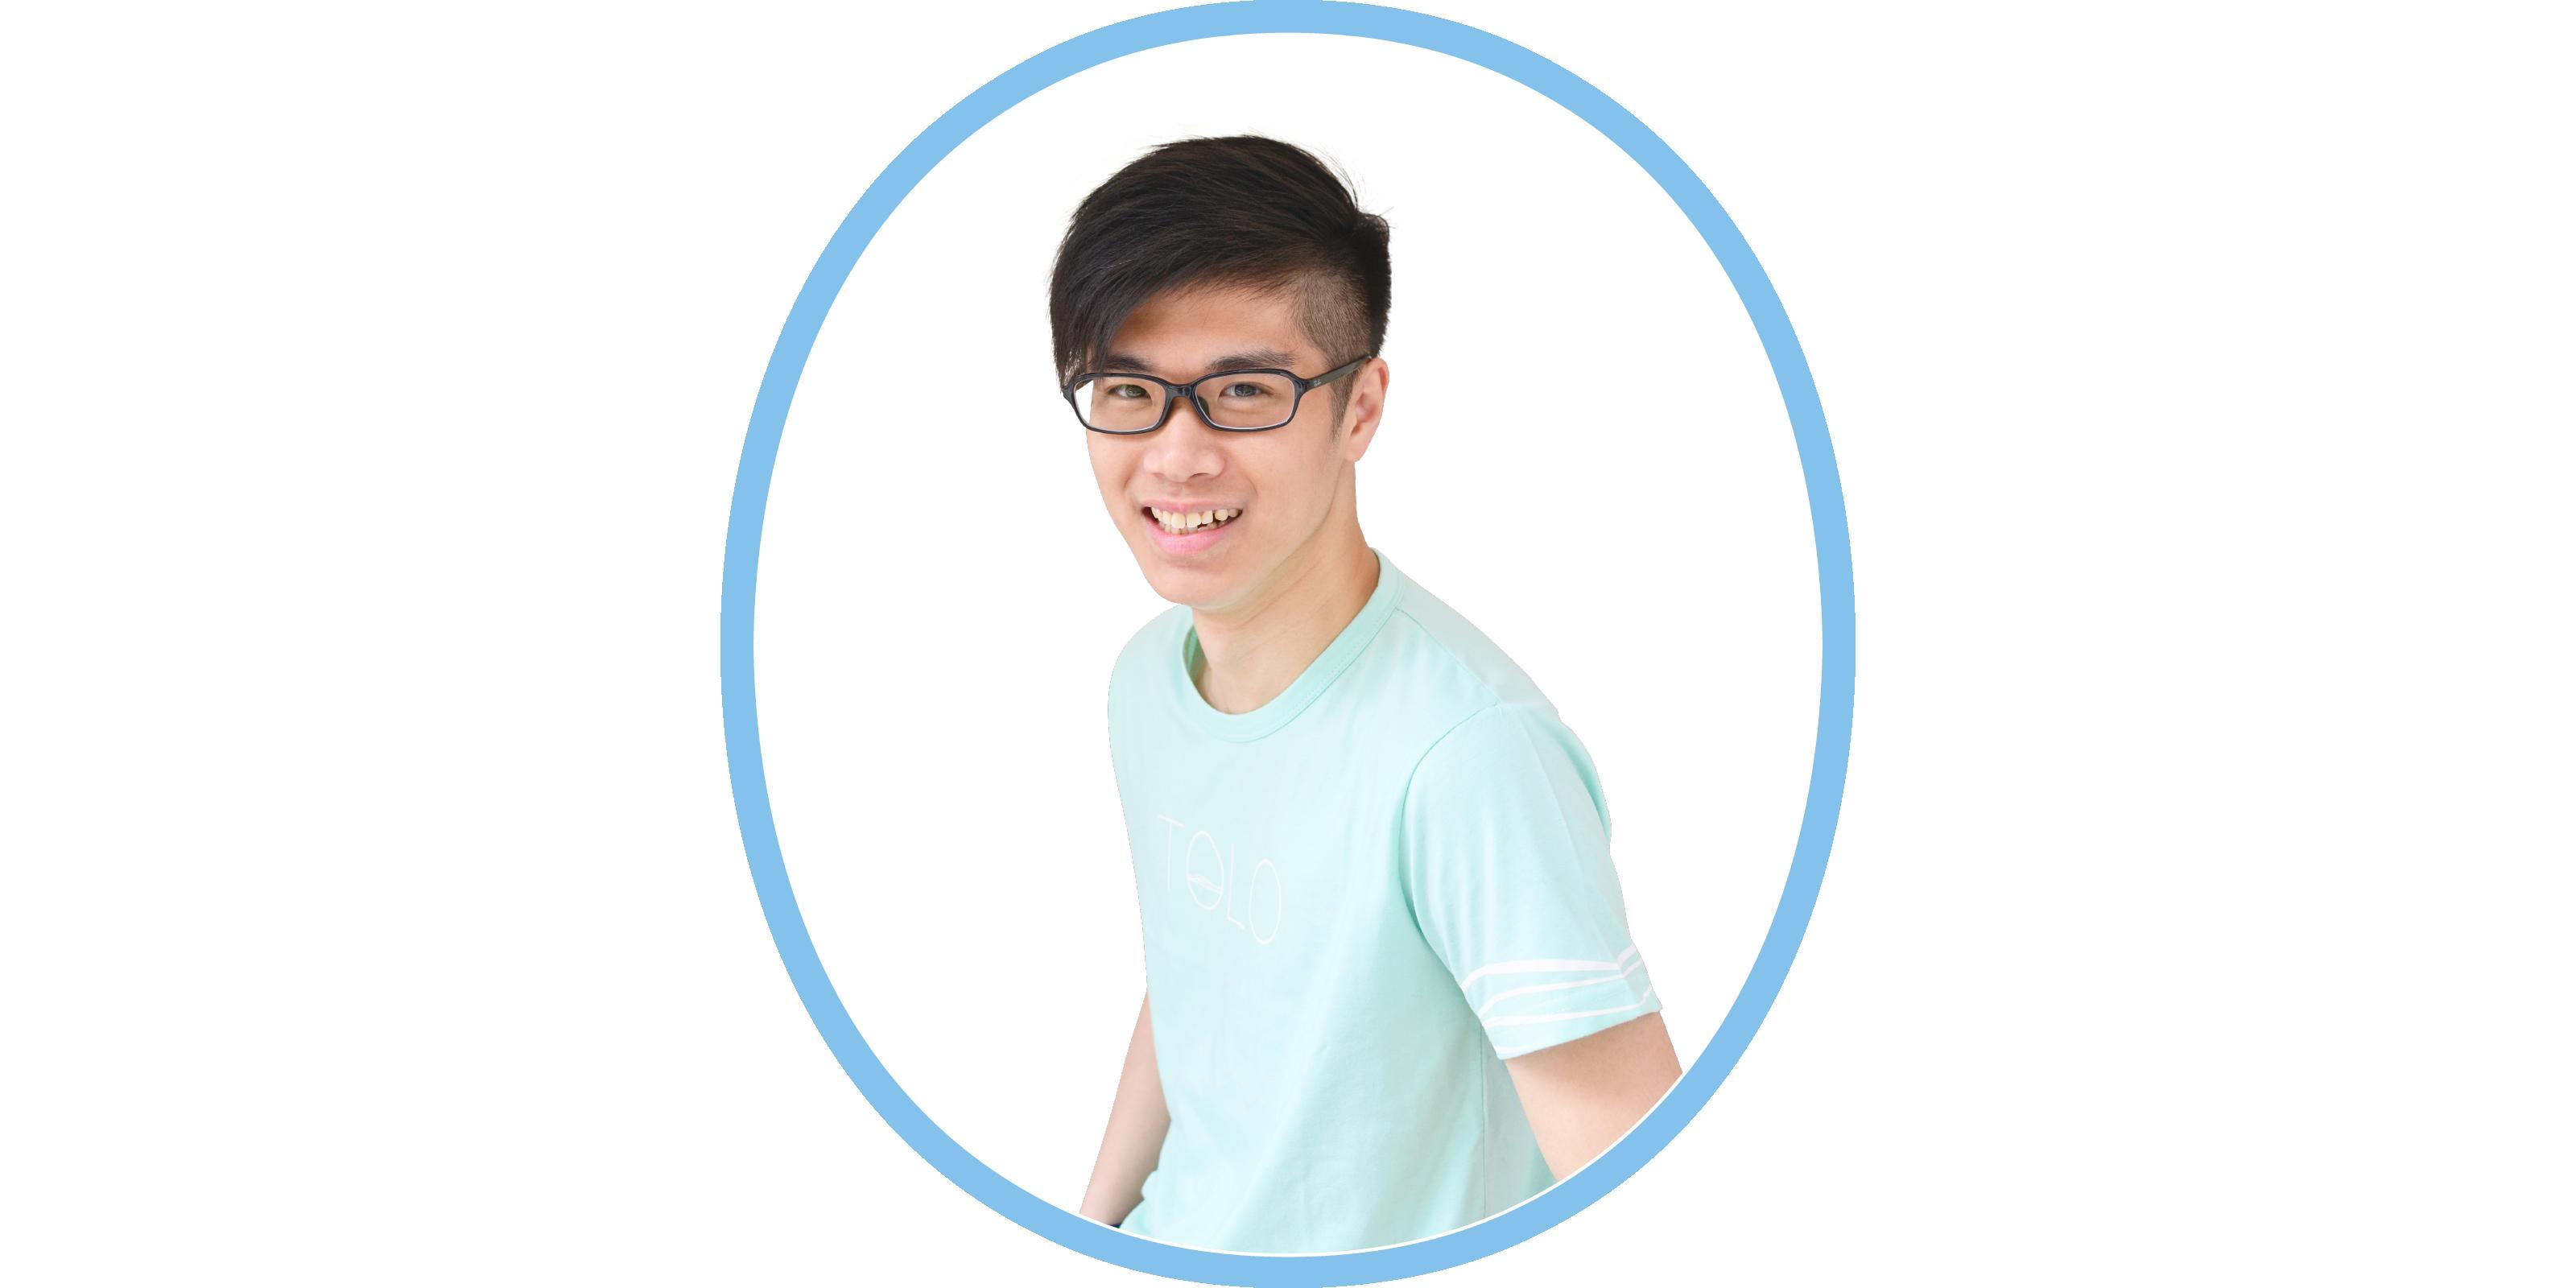 Profile Pic_Thumbnail_768 x 384_2016-2017-Bon